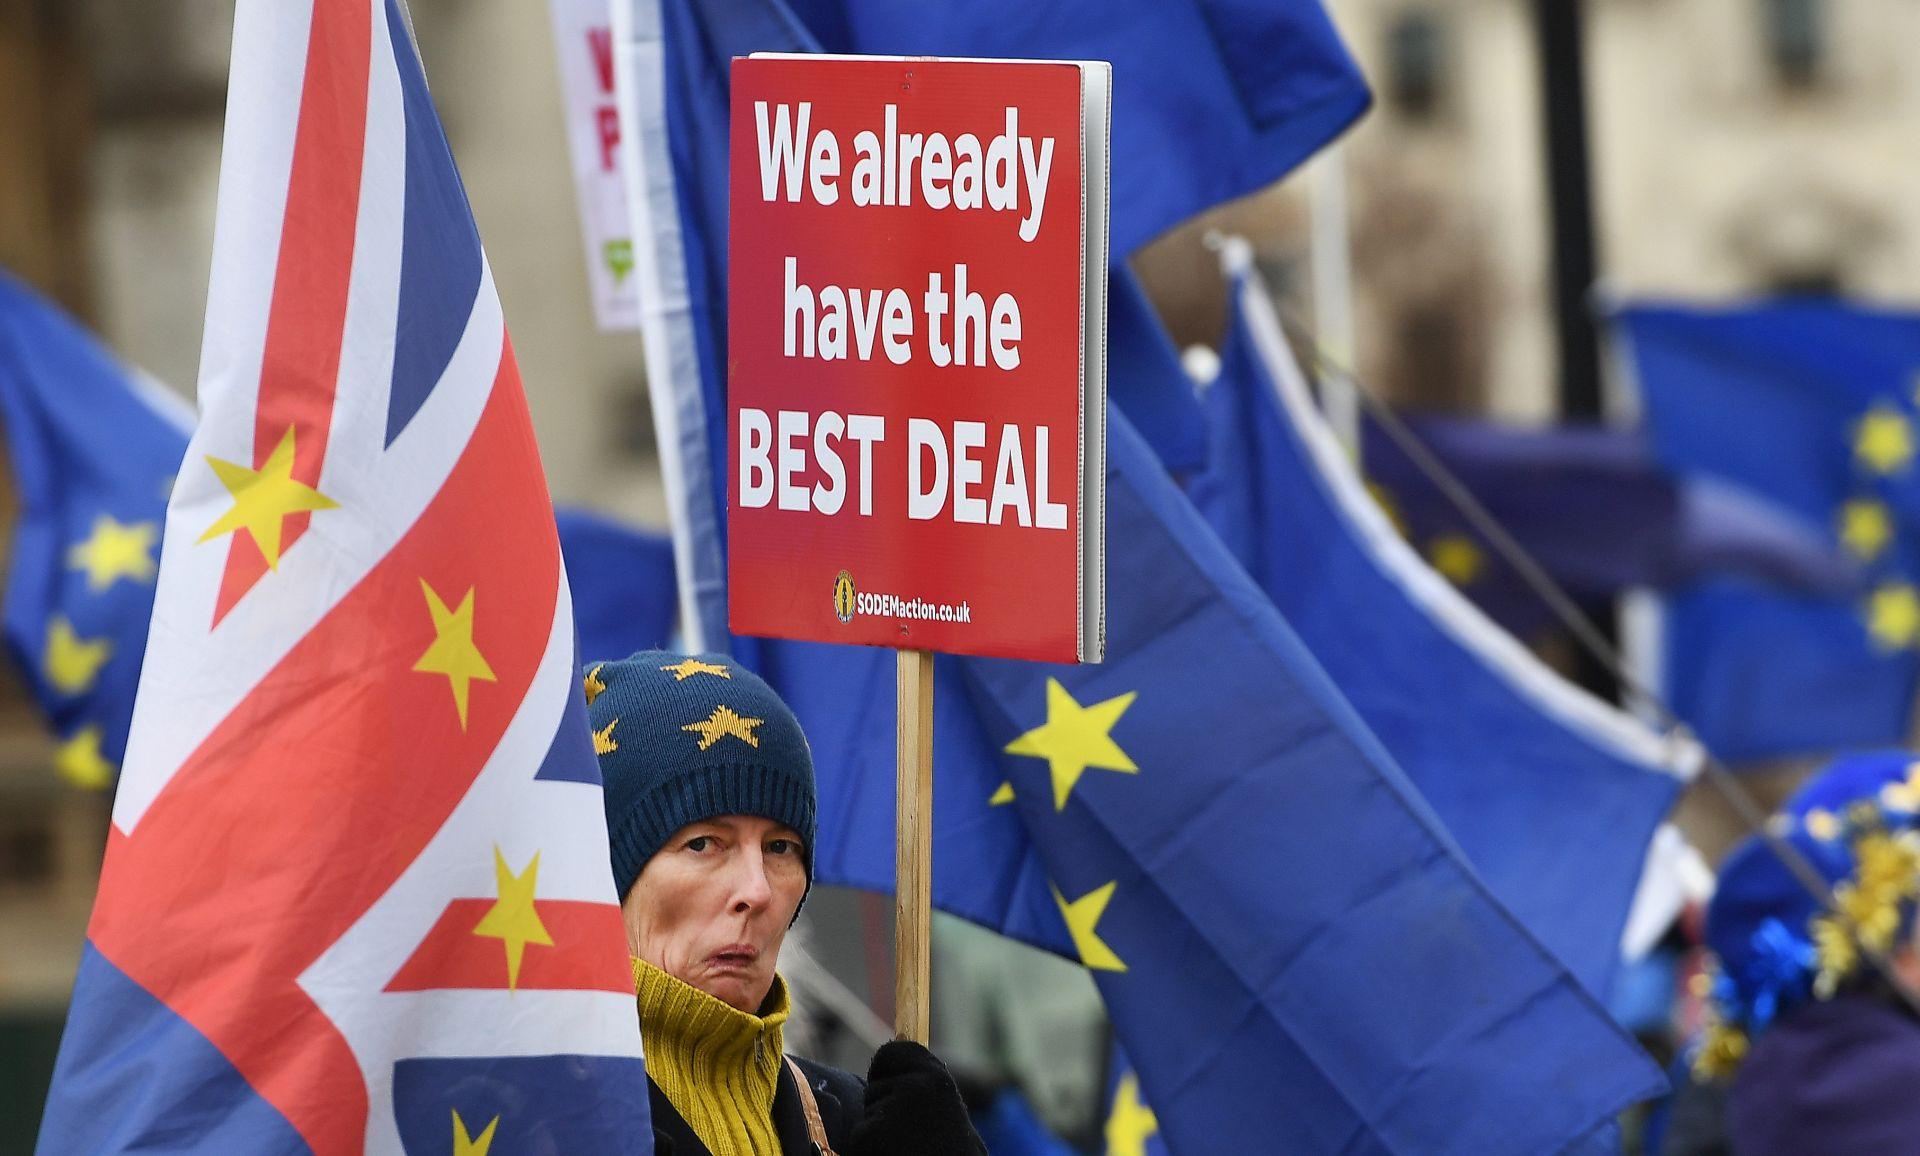 Ekonomisti predviđaju teška vremena za Britaniju